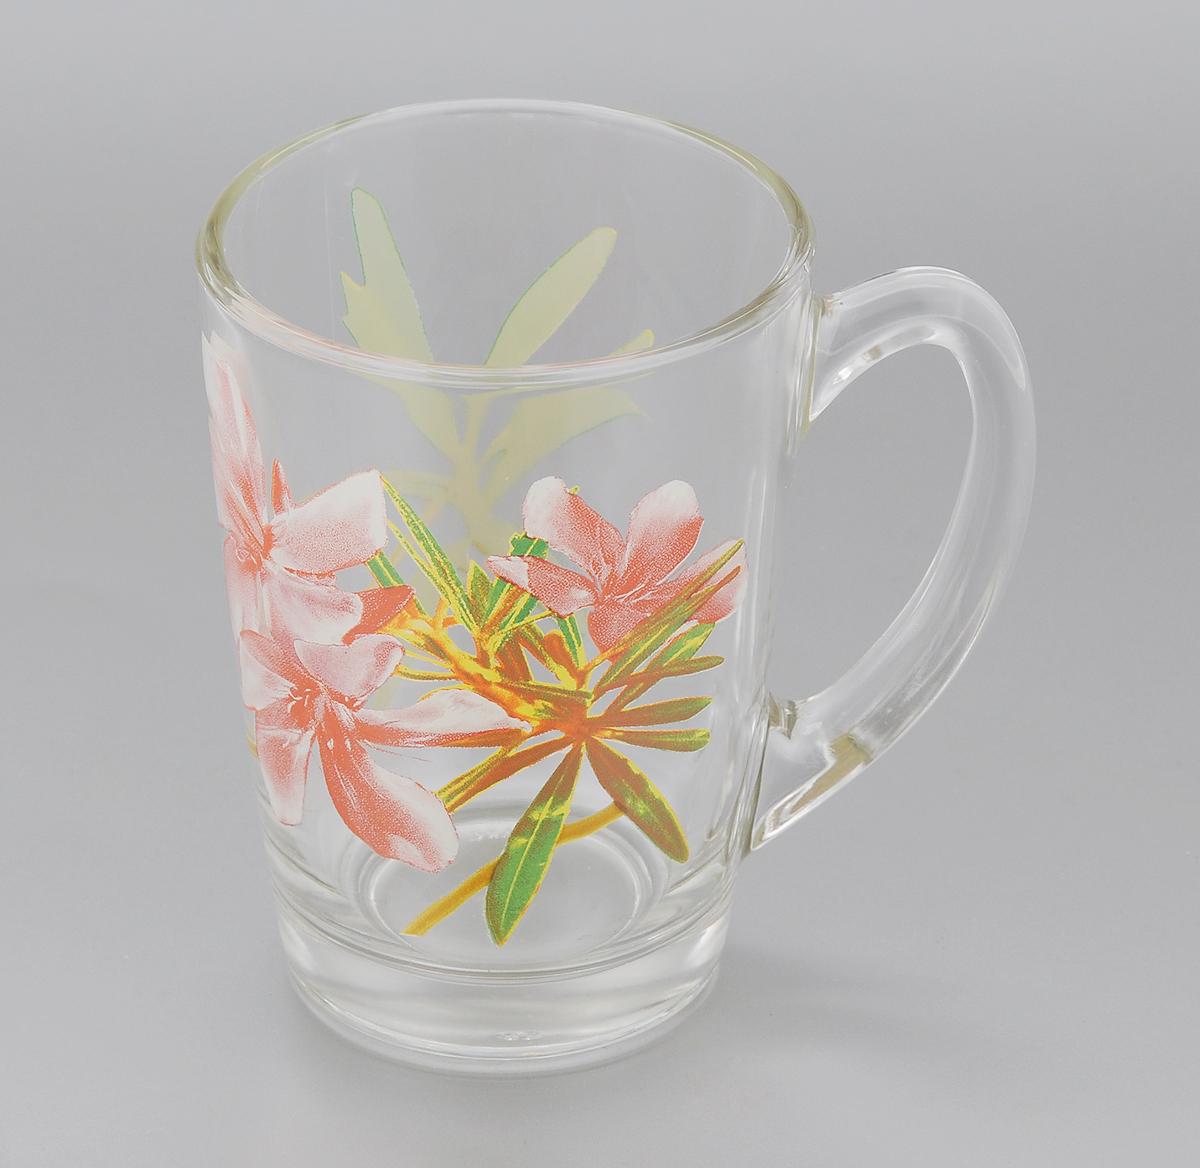 Кружка Luminarc Freesia, 320 млH2628Кружка Luminarc Freesia, изготовленная из упрочненного стекла, оформлена красочным изображением цветов. Такая кружка прекрасно подойдет для горячих и холодных напитков. Она дополнит коллекцию вашей кухонной посуды и будет служить долгие годы. Диаметр кружки (по верхнему краю): 7,8 см.